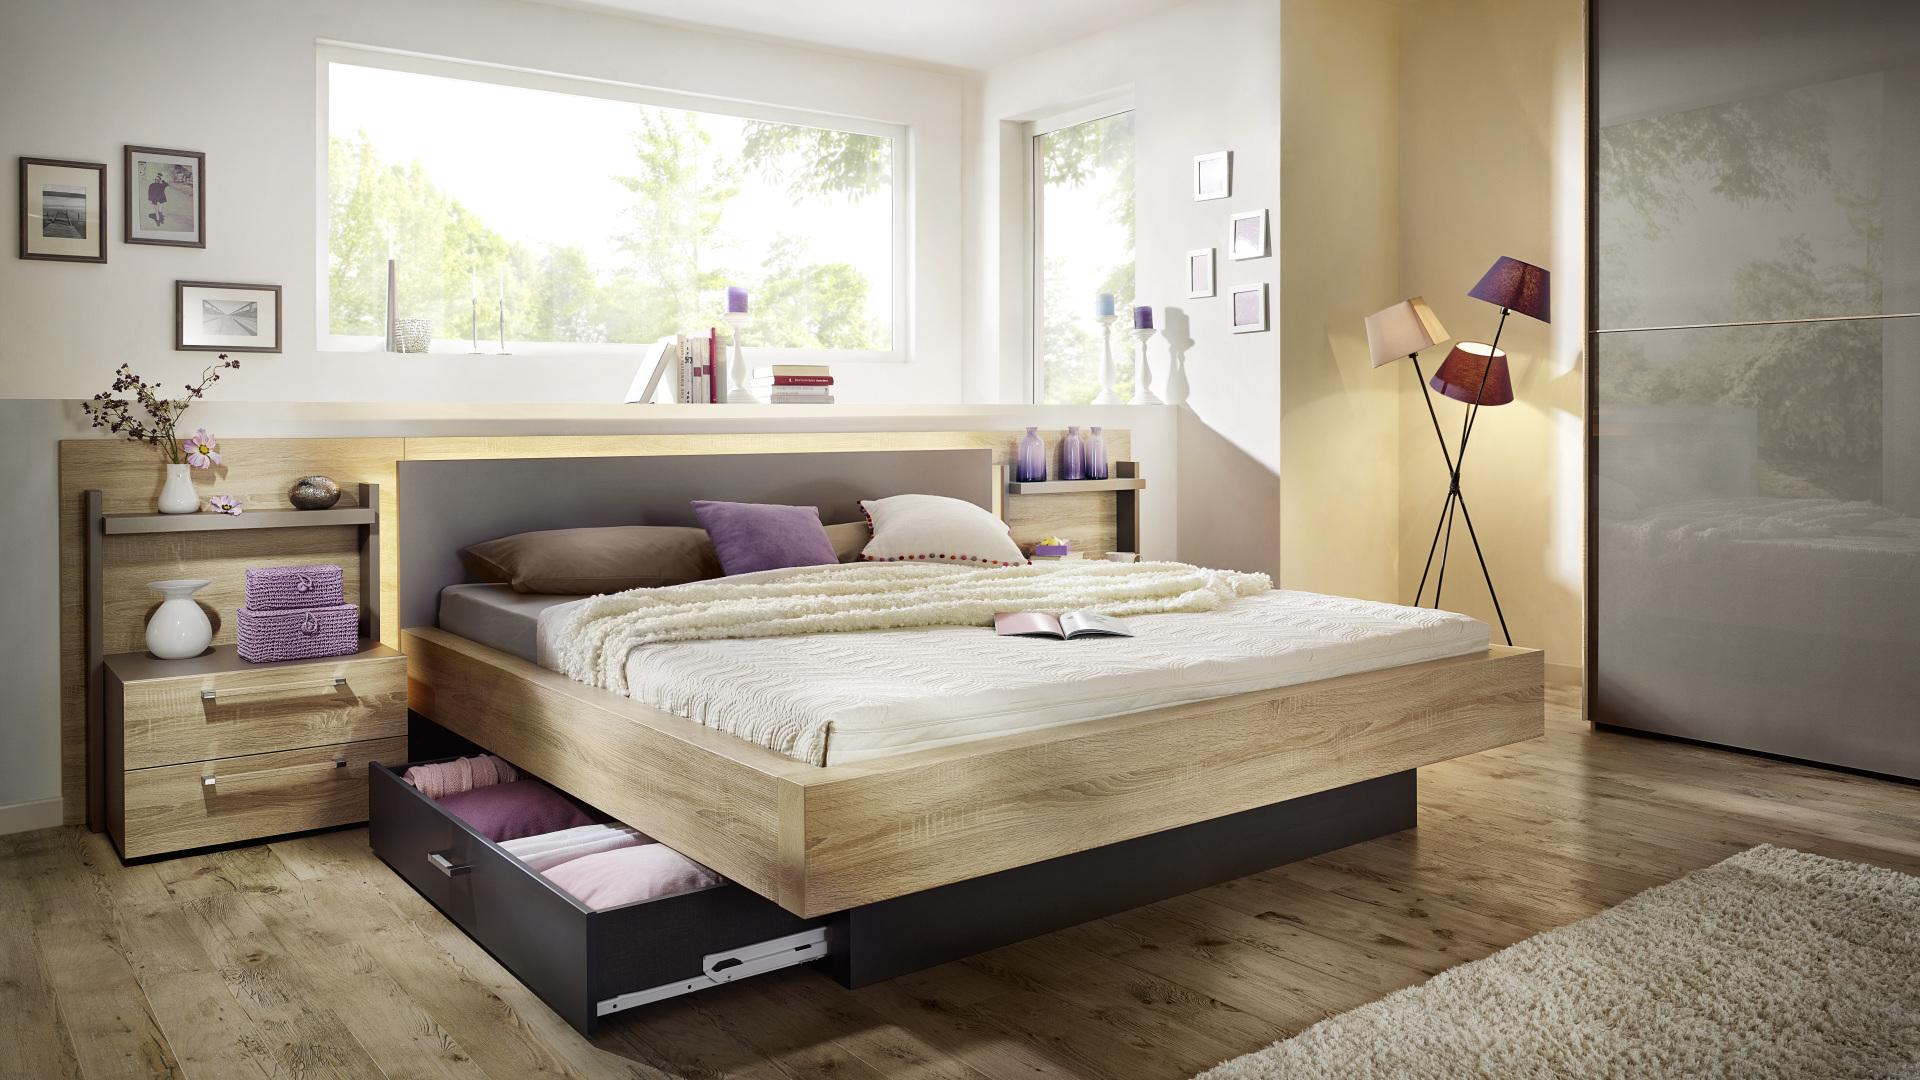 łóżko drewniane wyprodukowane w niemczech